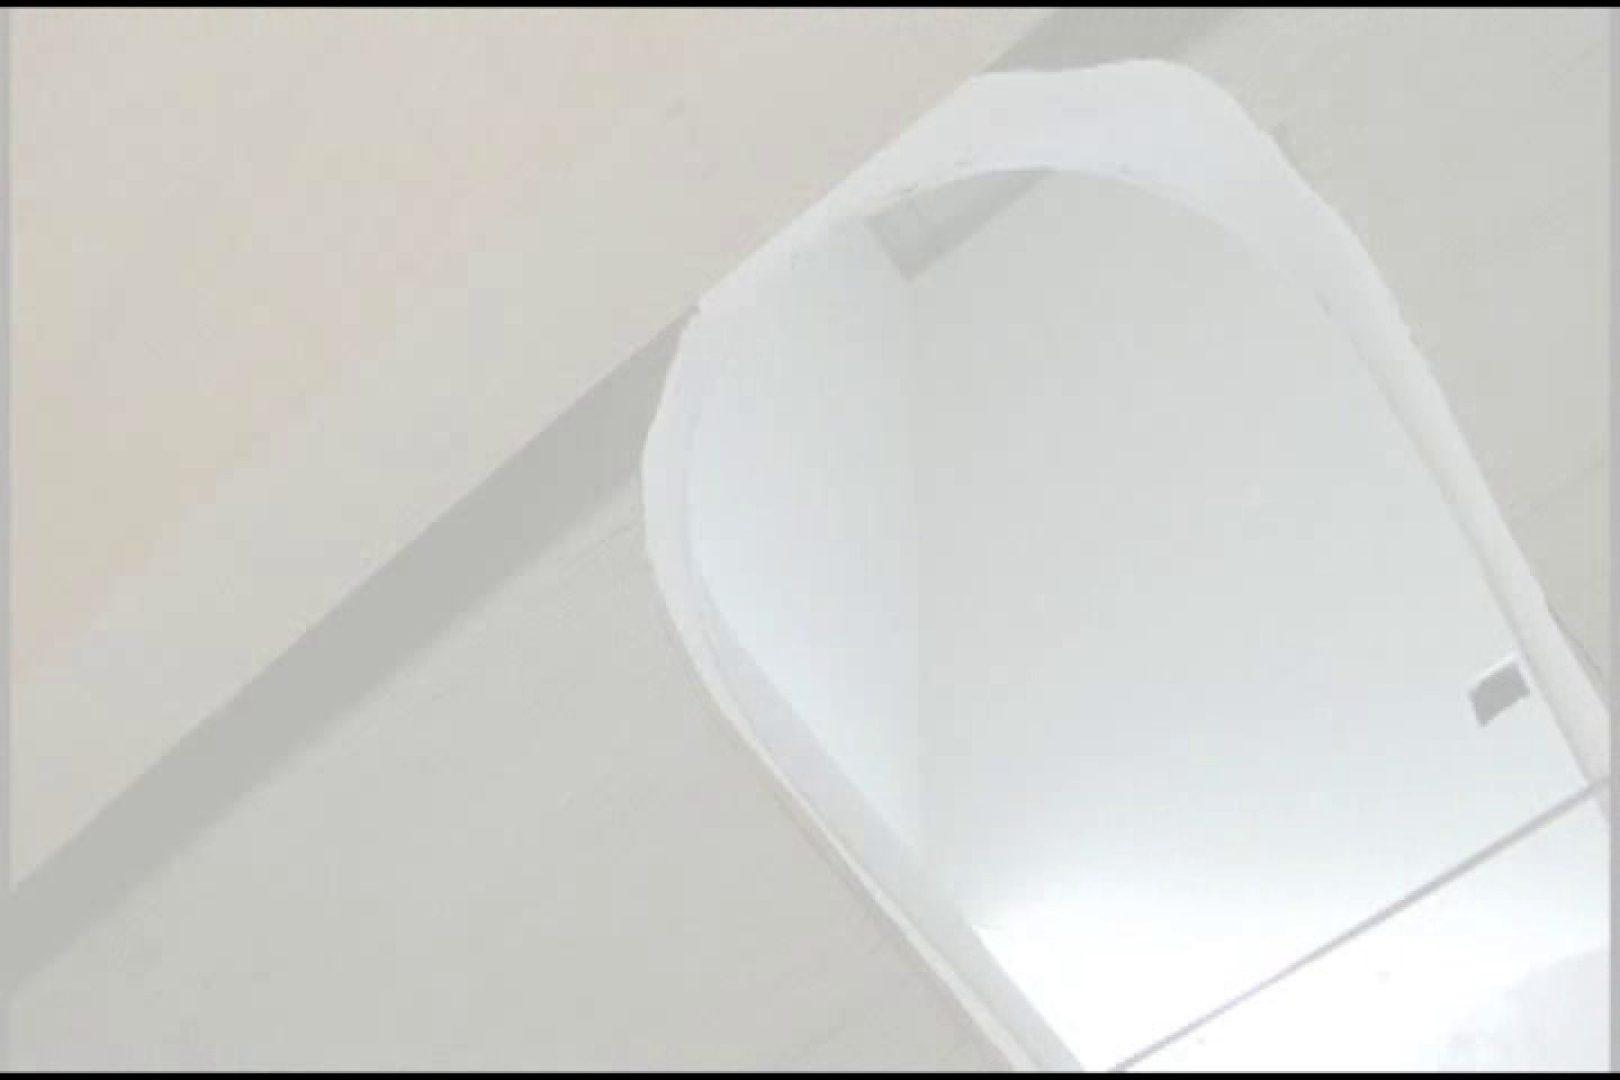 和式にまたがる女たちを待ちうけるカメラの衝撃映像vol.04 厠・・・ オメコ動画キャプチャ 84PIX 53